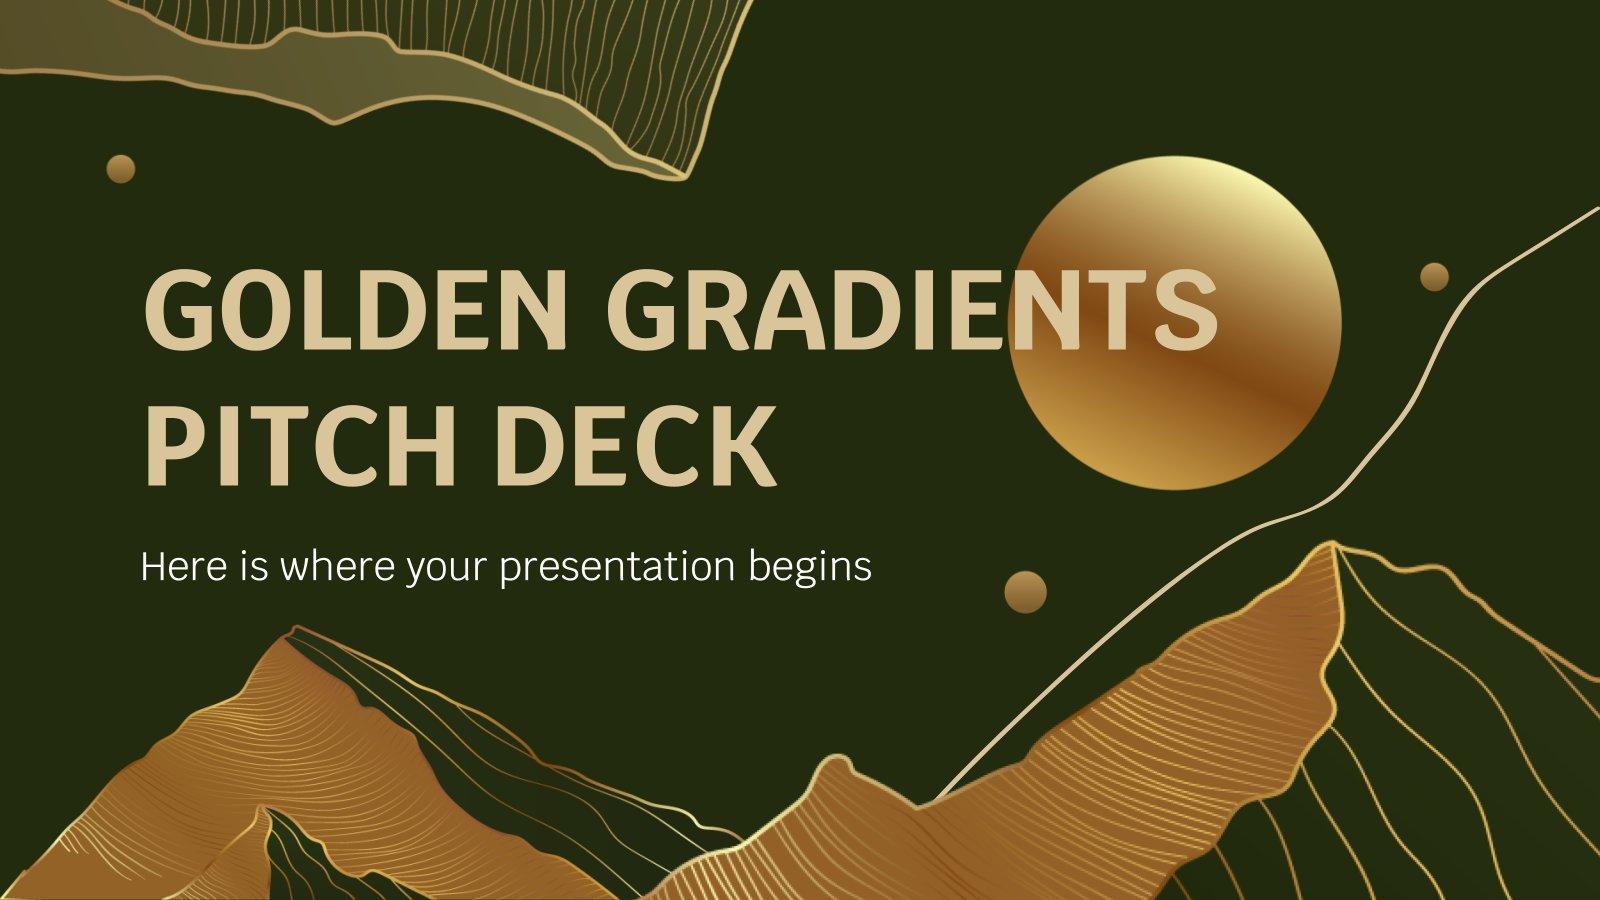 Modelo de apresentação Pitch deck de gradientes de ouro